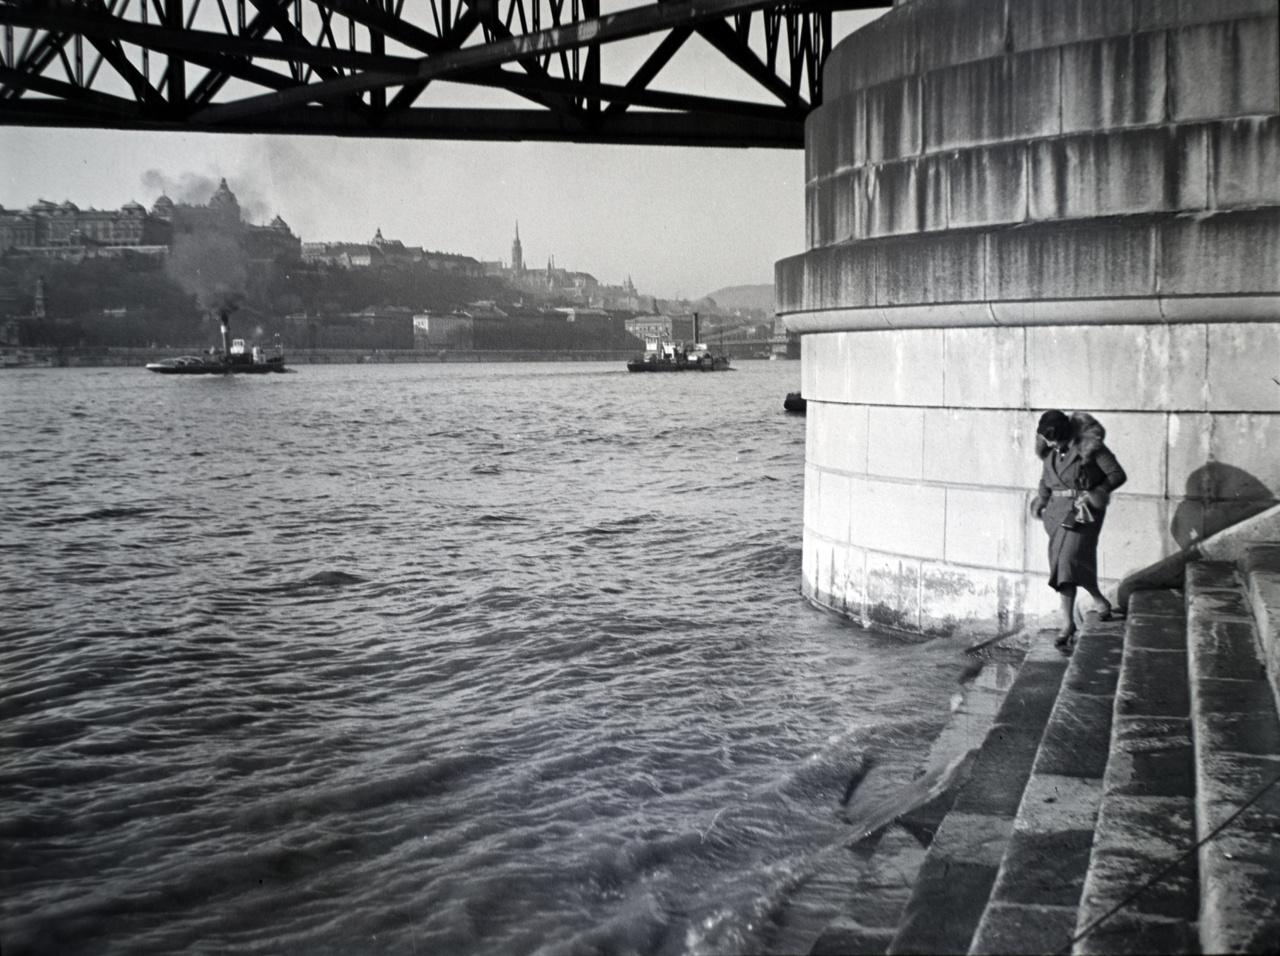 Auguszta a régi Erzsébet hídnál, valamikor a harmincas években.